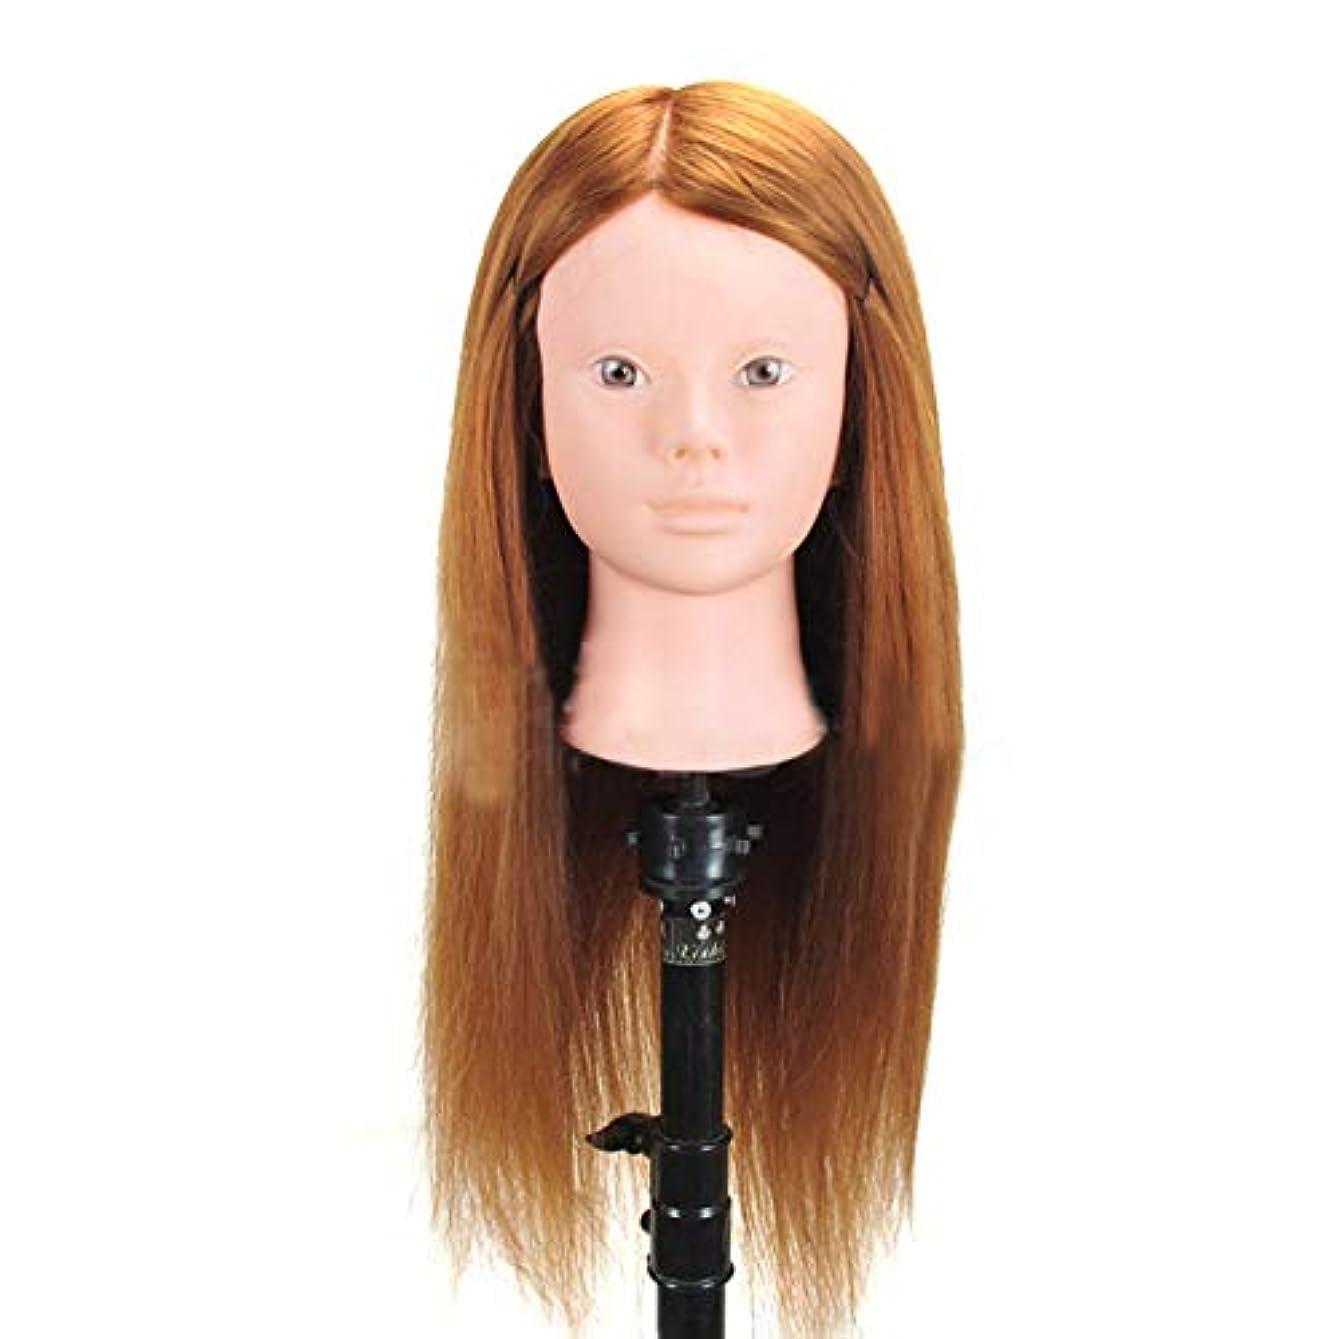 遅滞さておきどきどき高温シルクヘアマネキンヘッド編組ヘアヘアピンヘッドモデルサロンパーマ髪染め学習ダミーヘッド